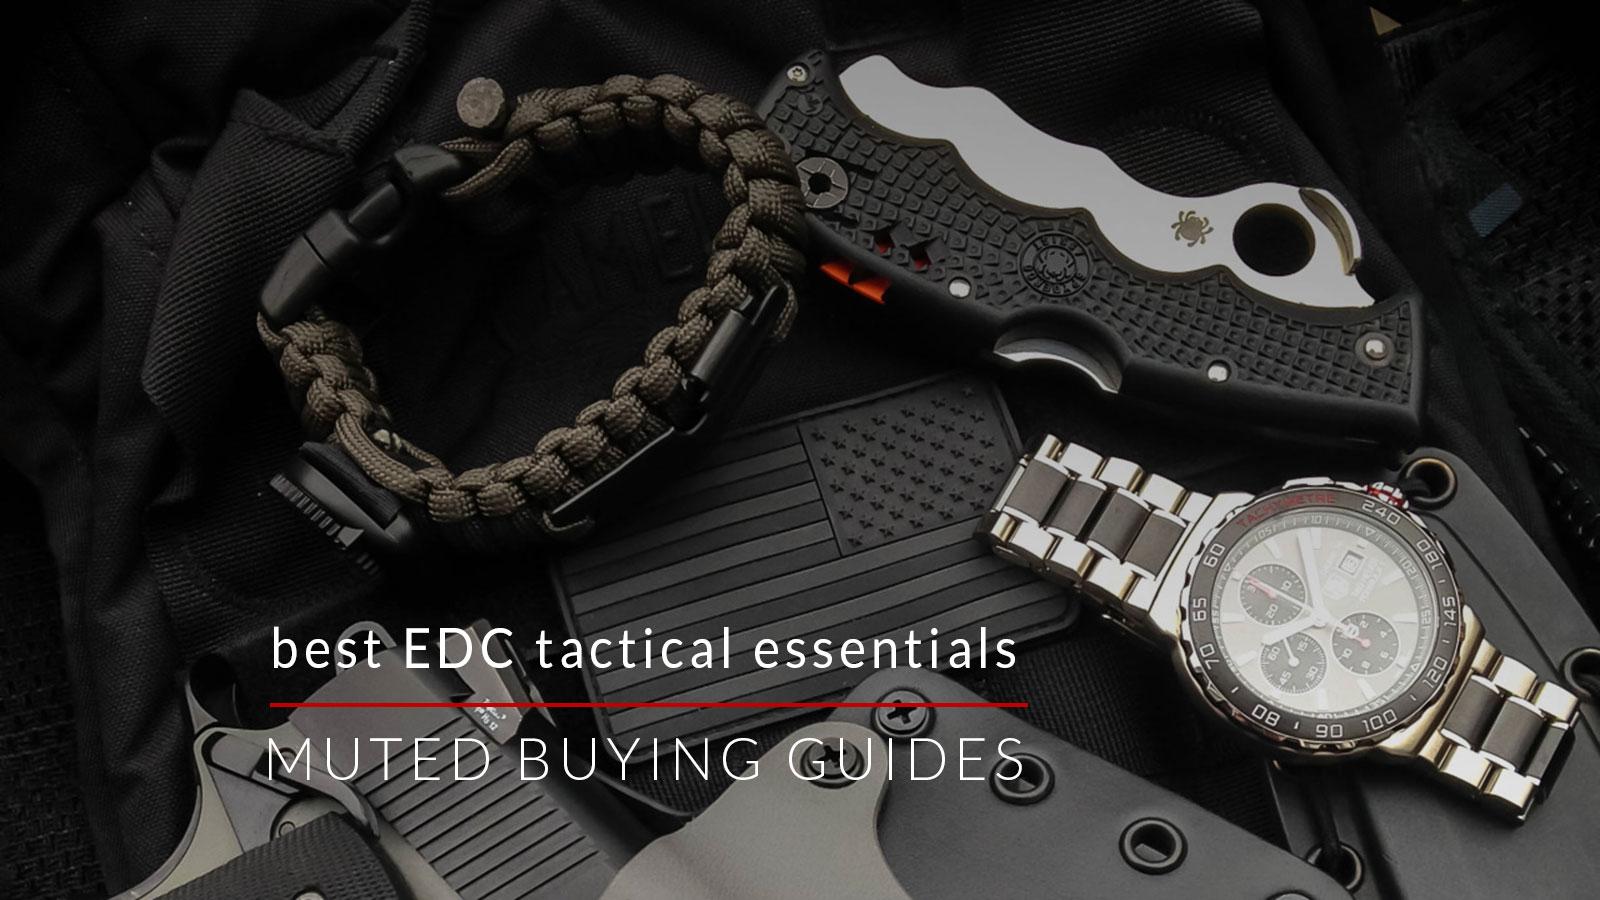 best EDC tactical essentials